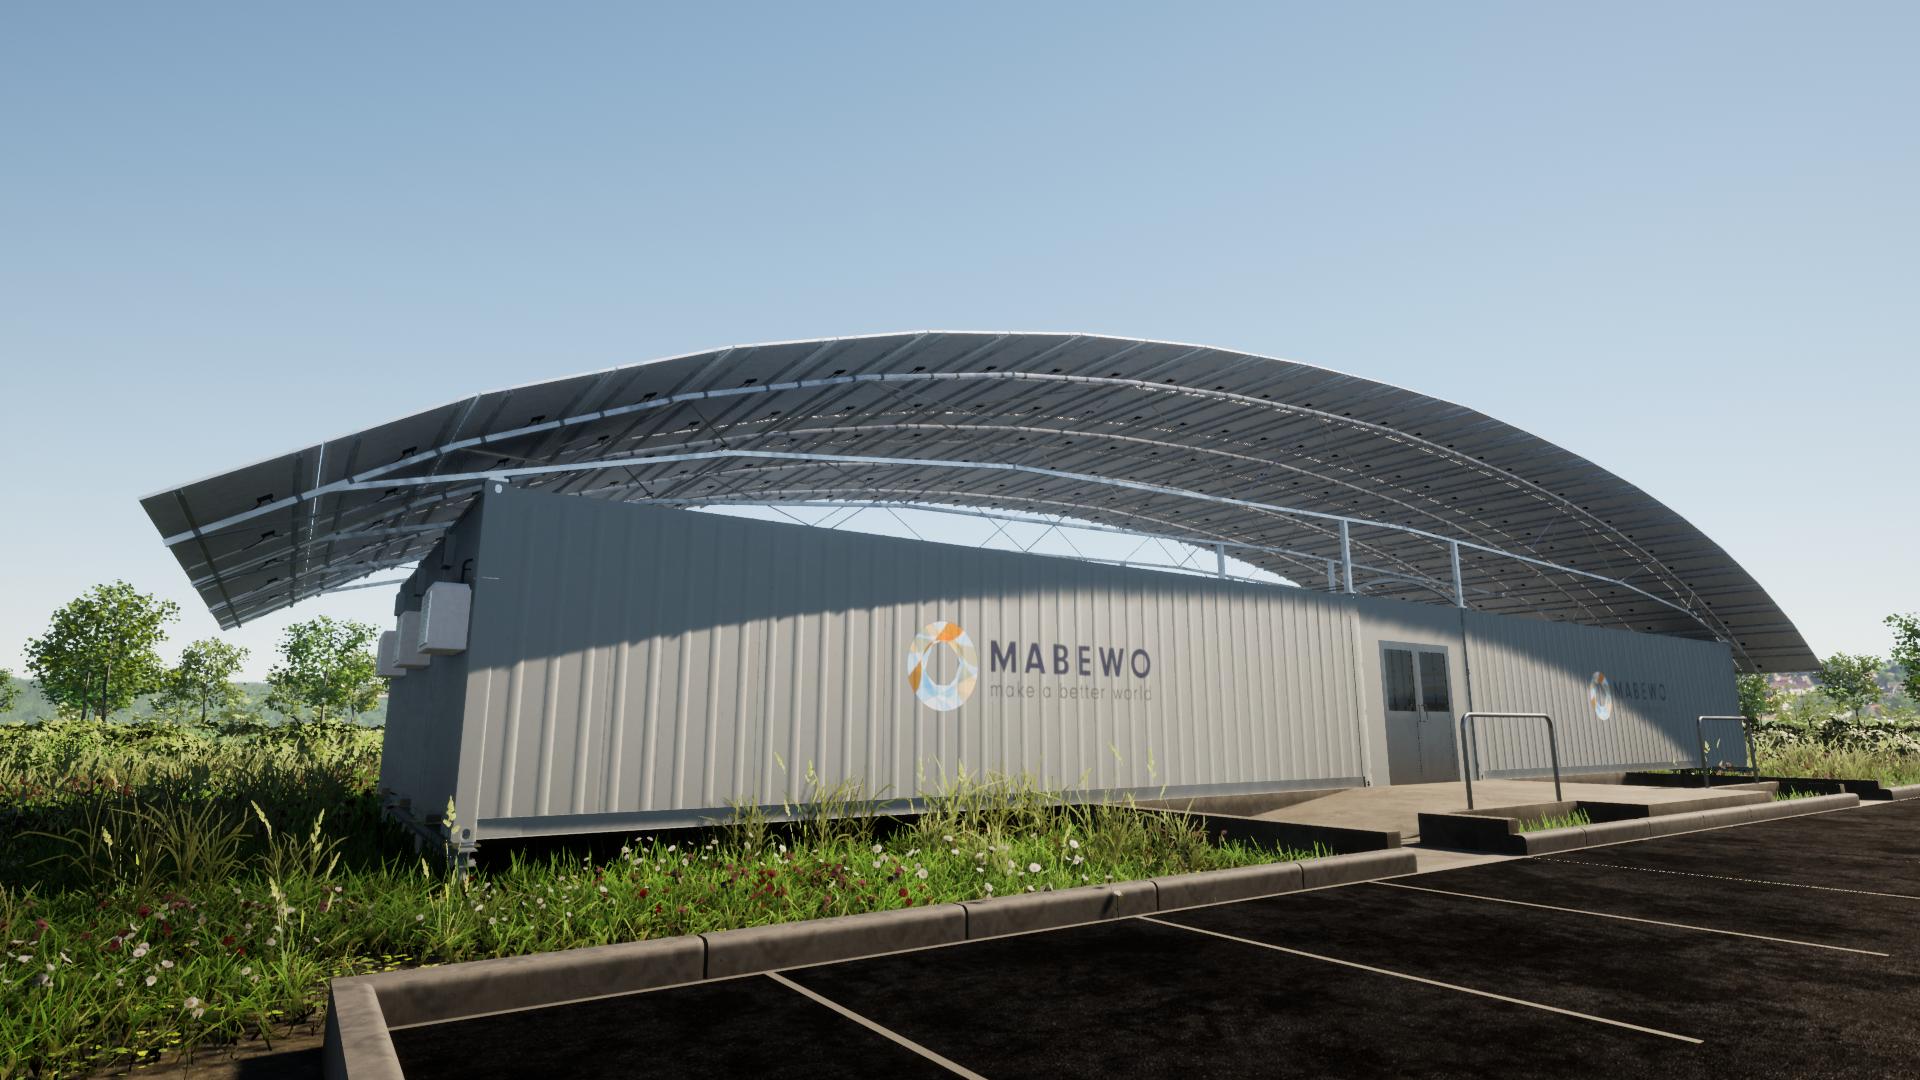 MABEWO BLUE PLANET: Entdeckerfahrt als Technologie Pionier